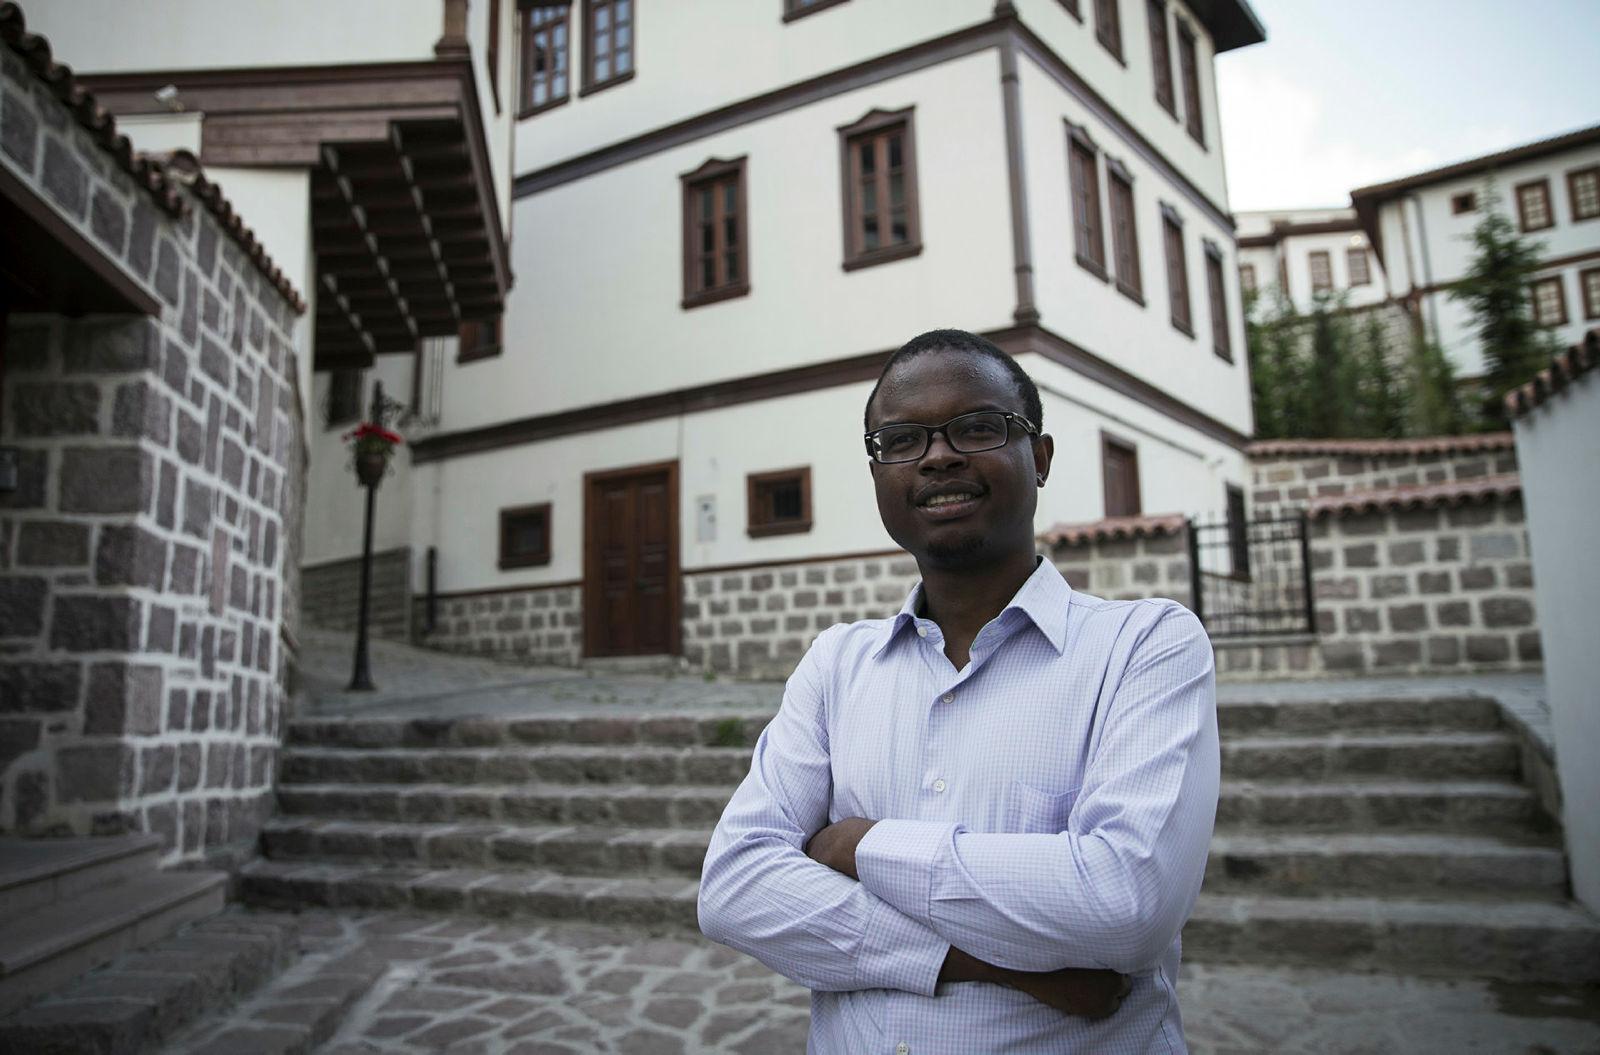 Yabancı öğrencilerin gözünden Türkiye'de ramazan